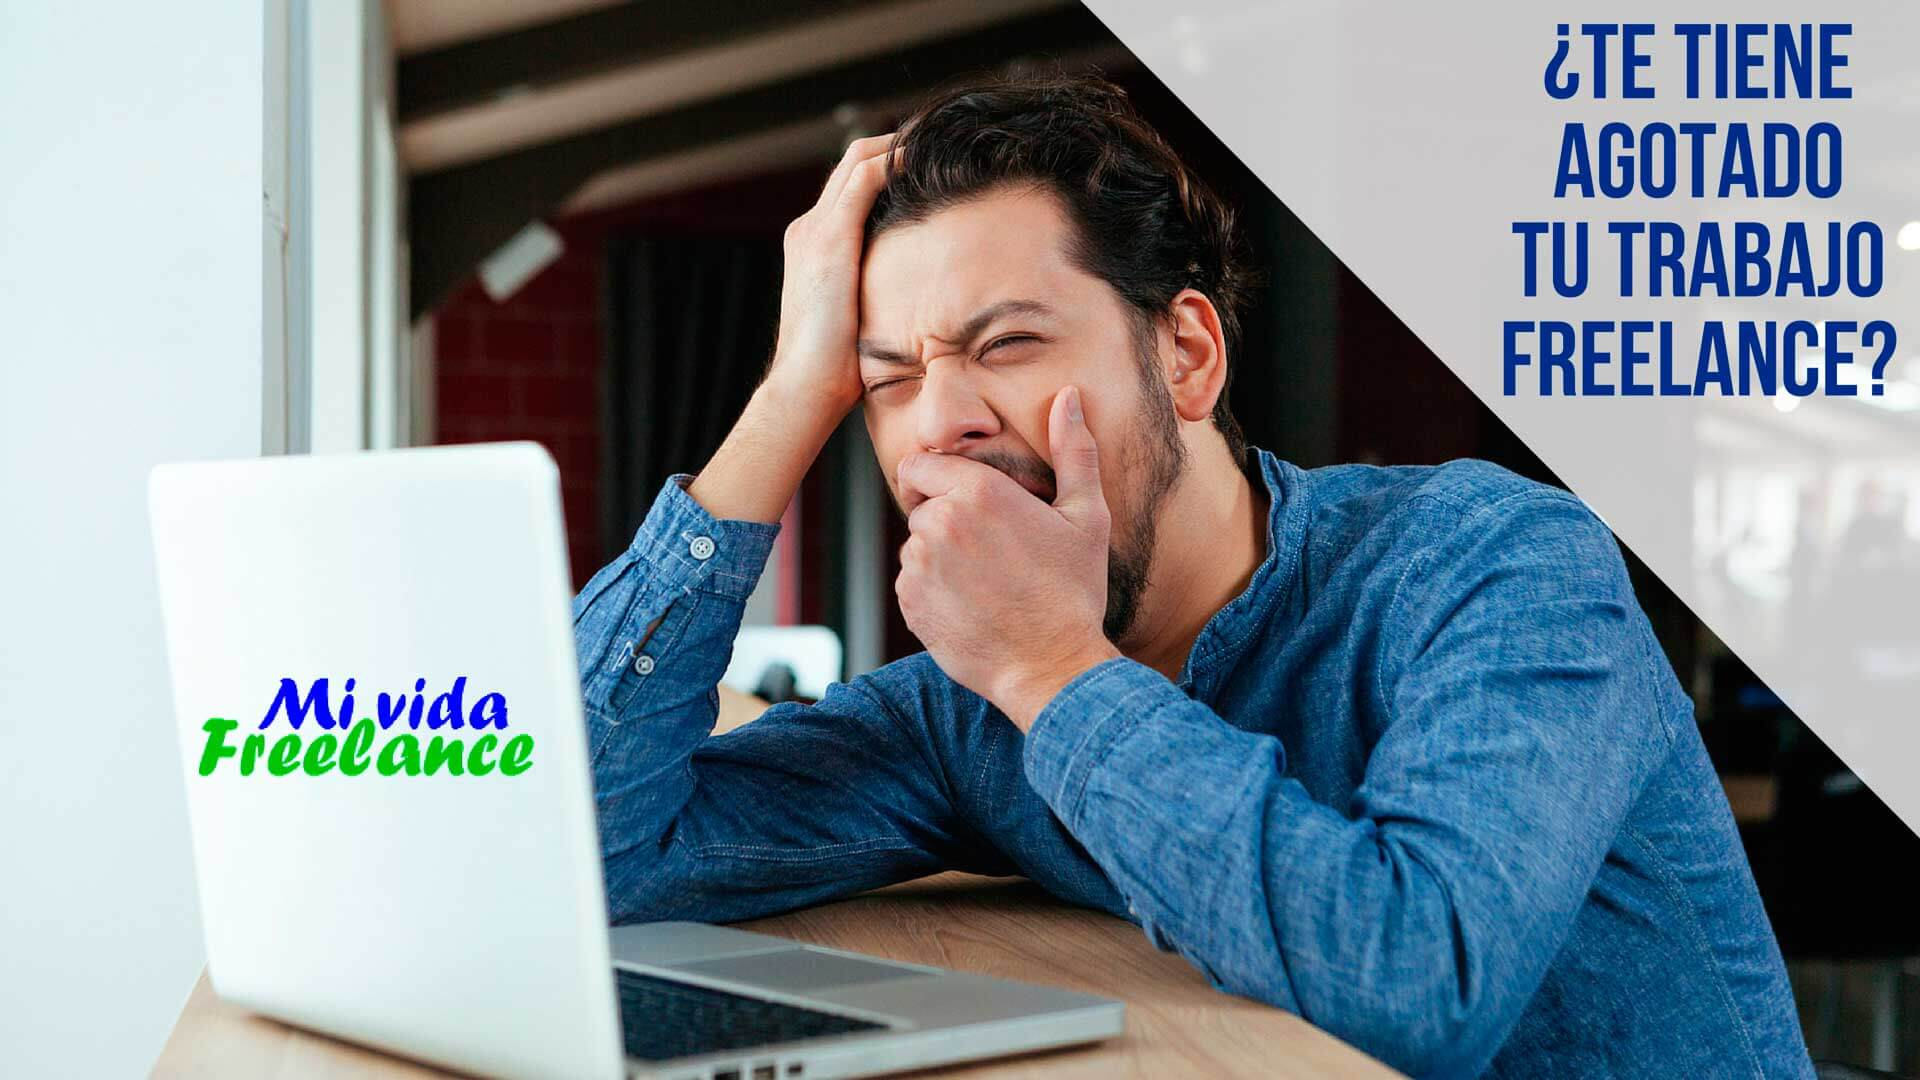 Te-tiene-agotado-tu-trabajo-freelance---mi-vida-freelance